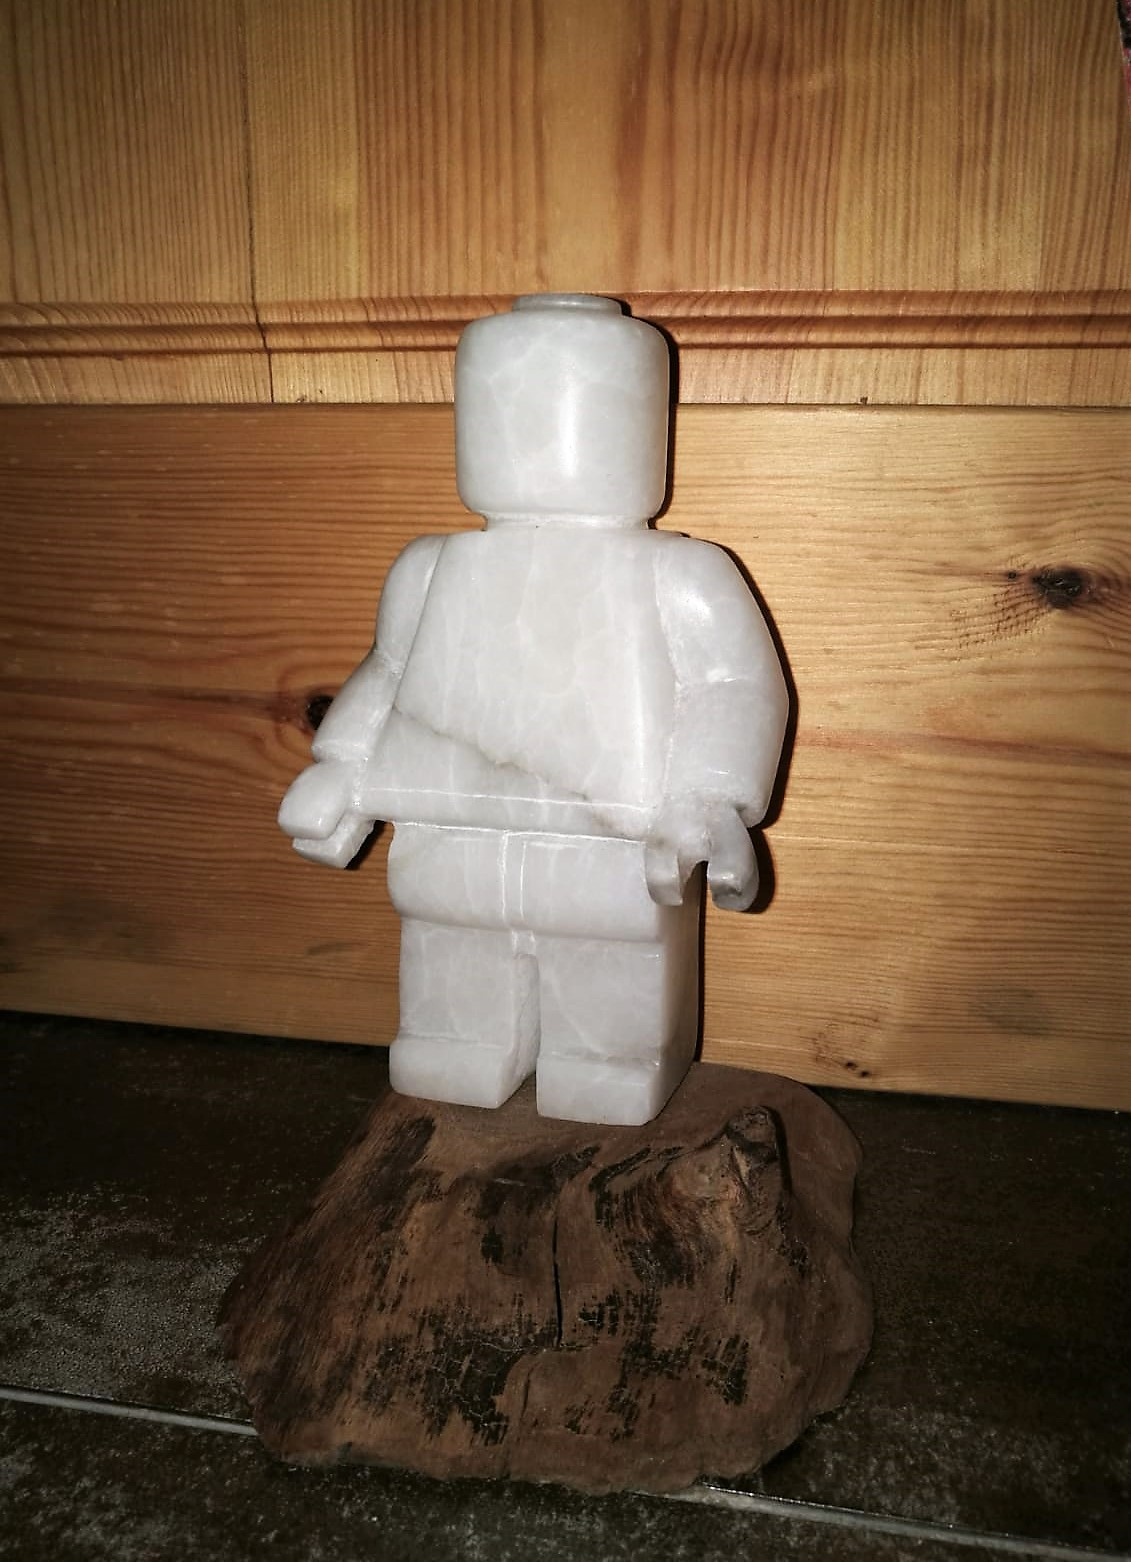 Figura lego-alabastro-piedra-artesanía-t